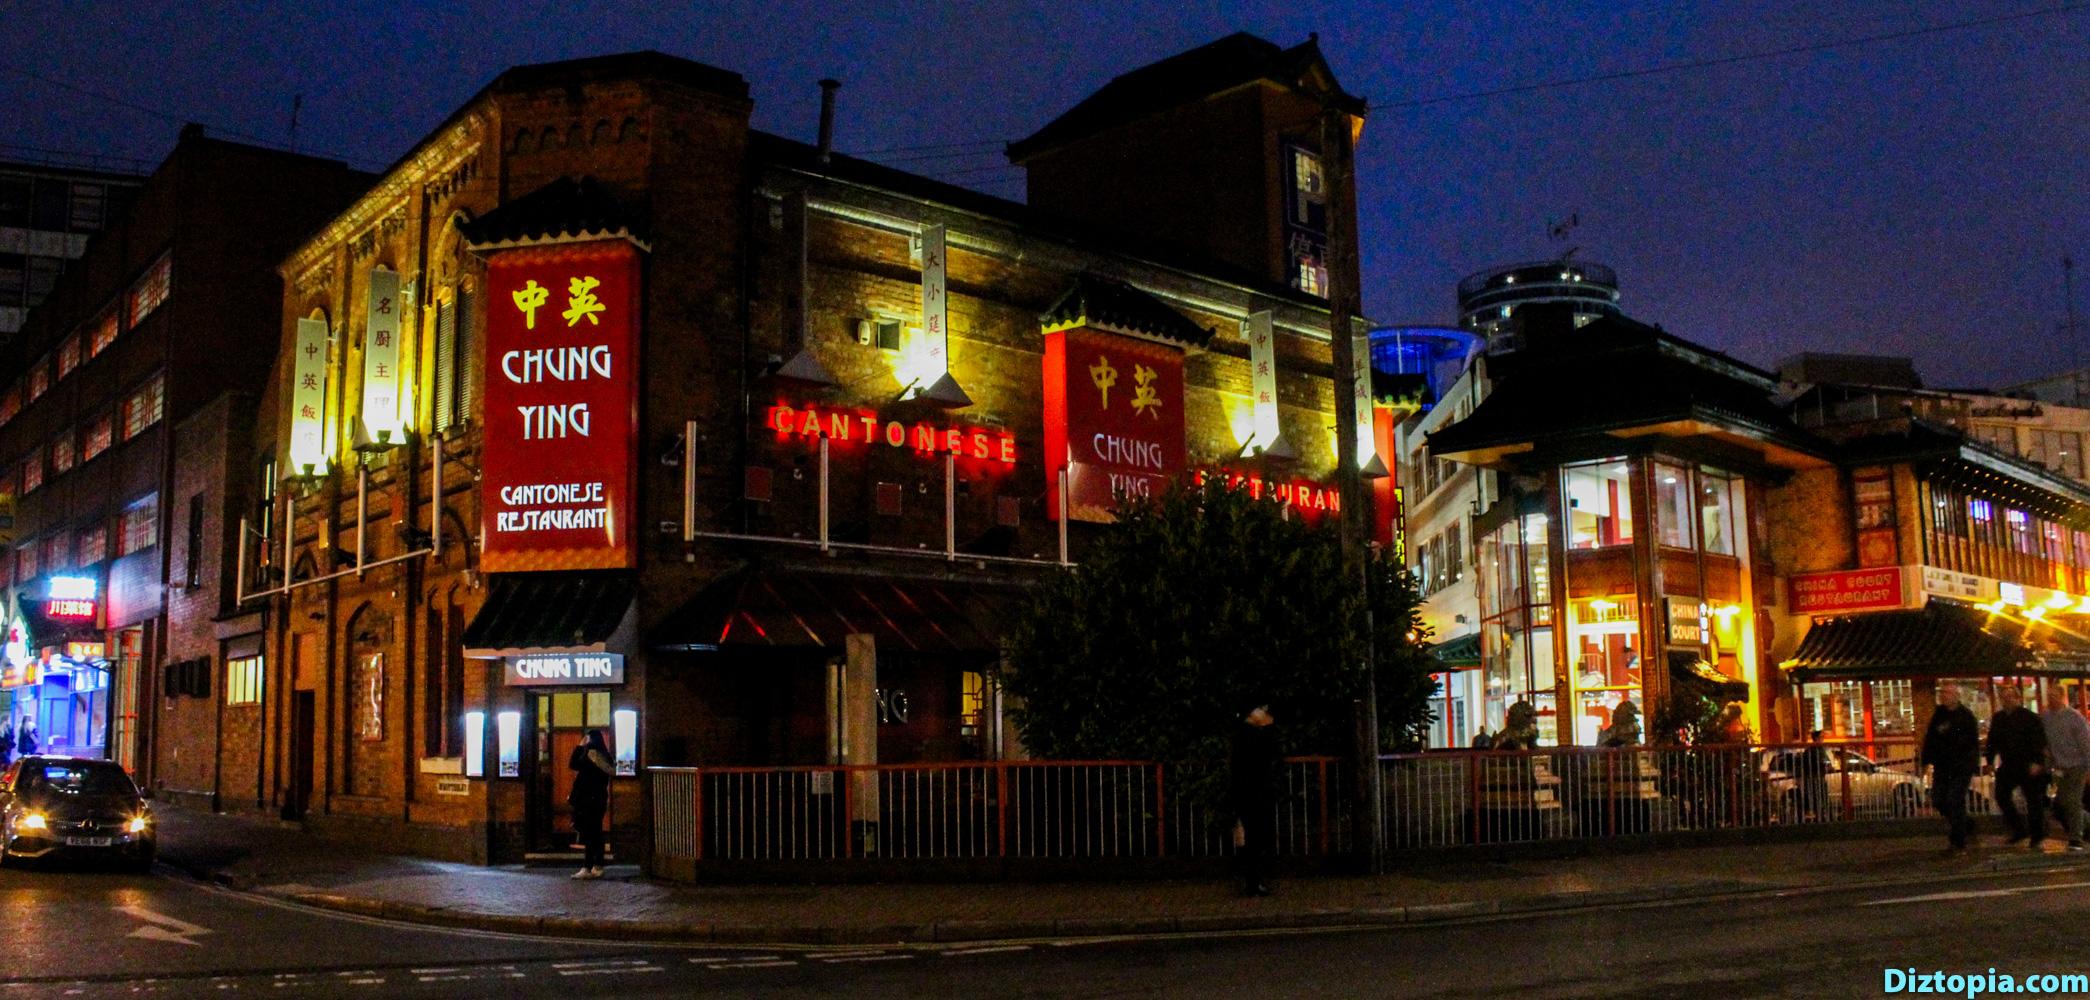 Birmingham-Canal-City-Diztopia-Photography-Night-Dizma-Dahl-China-Town-UK-Blog-7